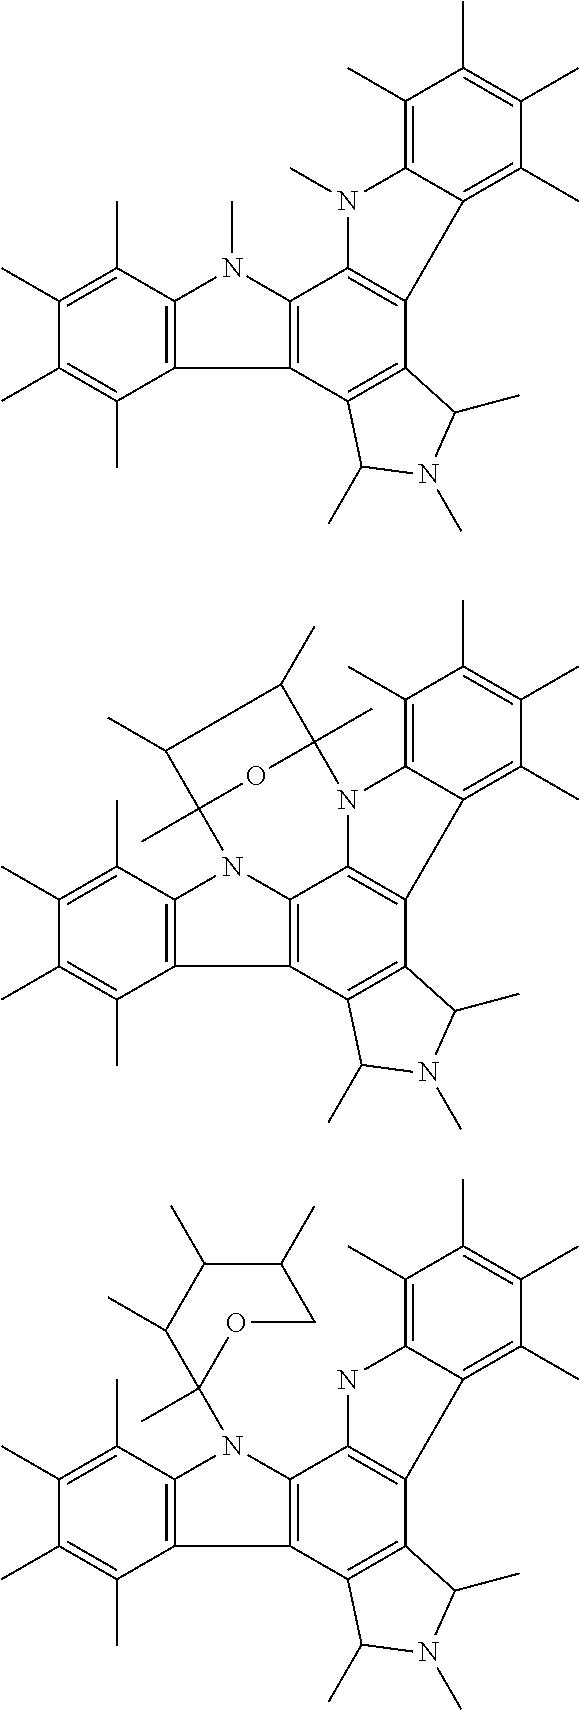 Figure US07947368-20110524-C00004